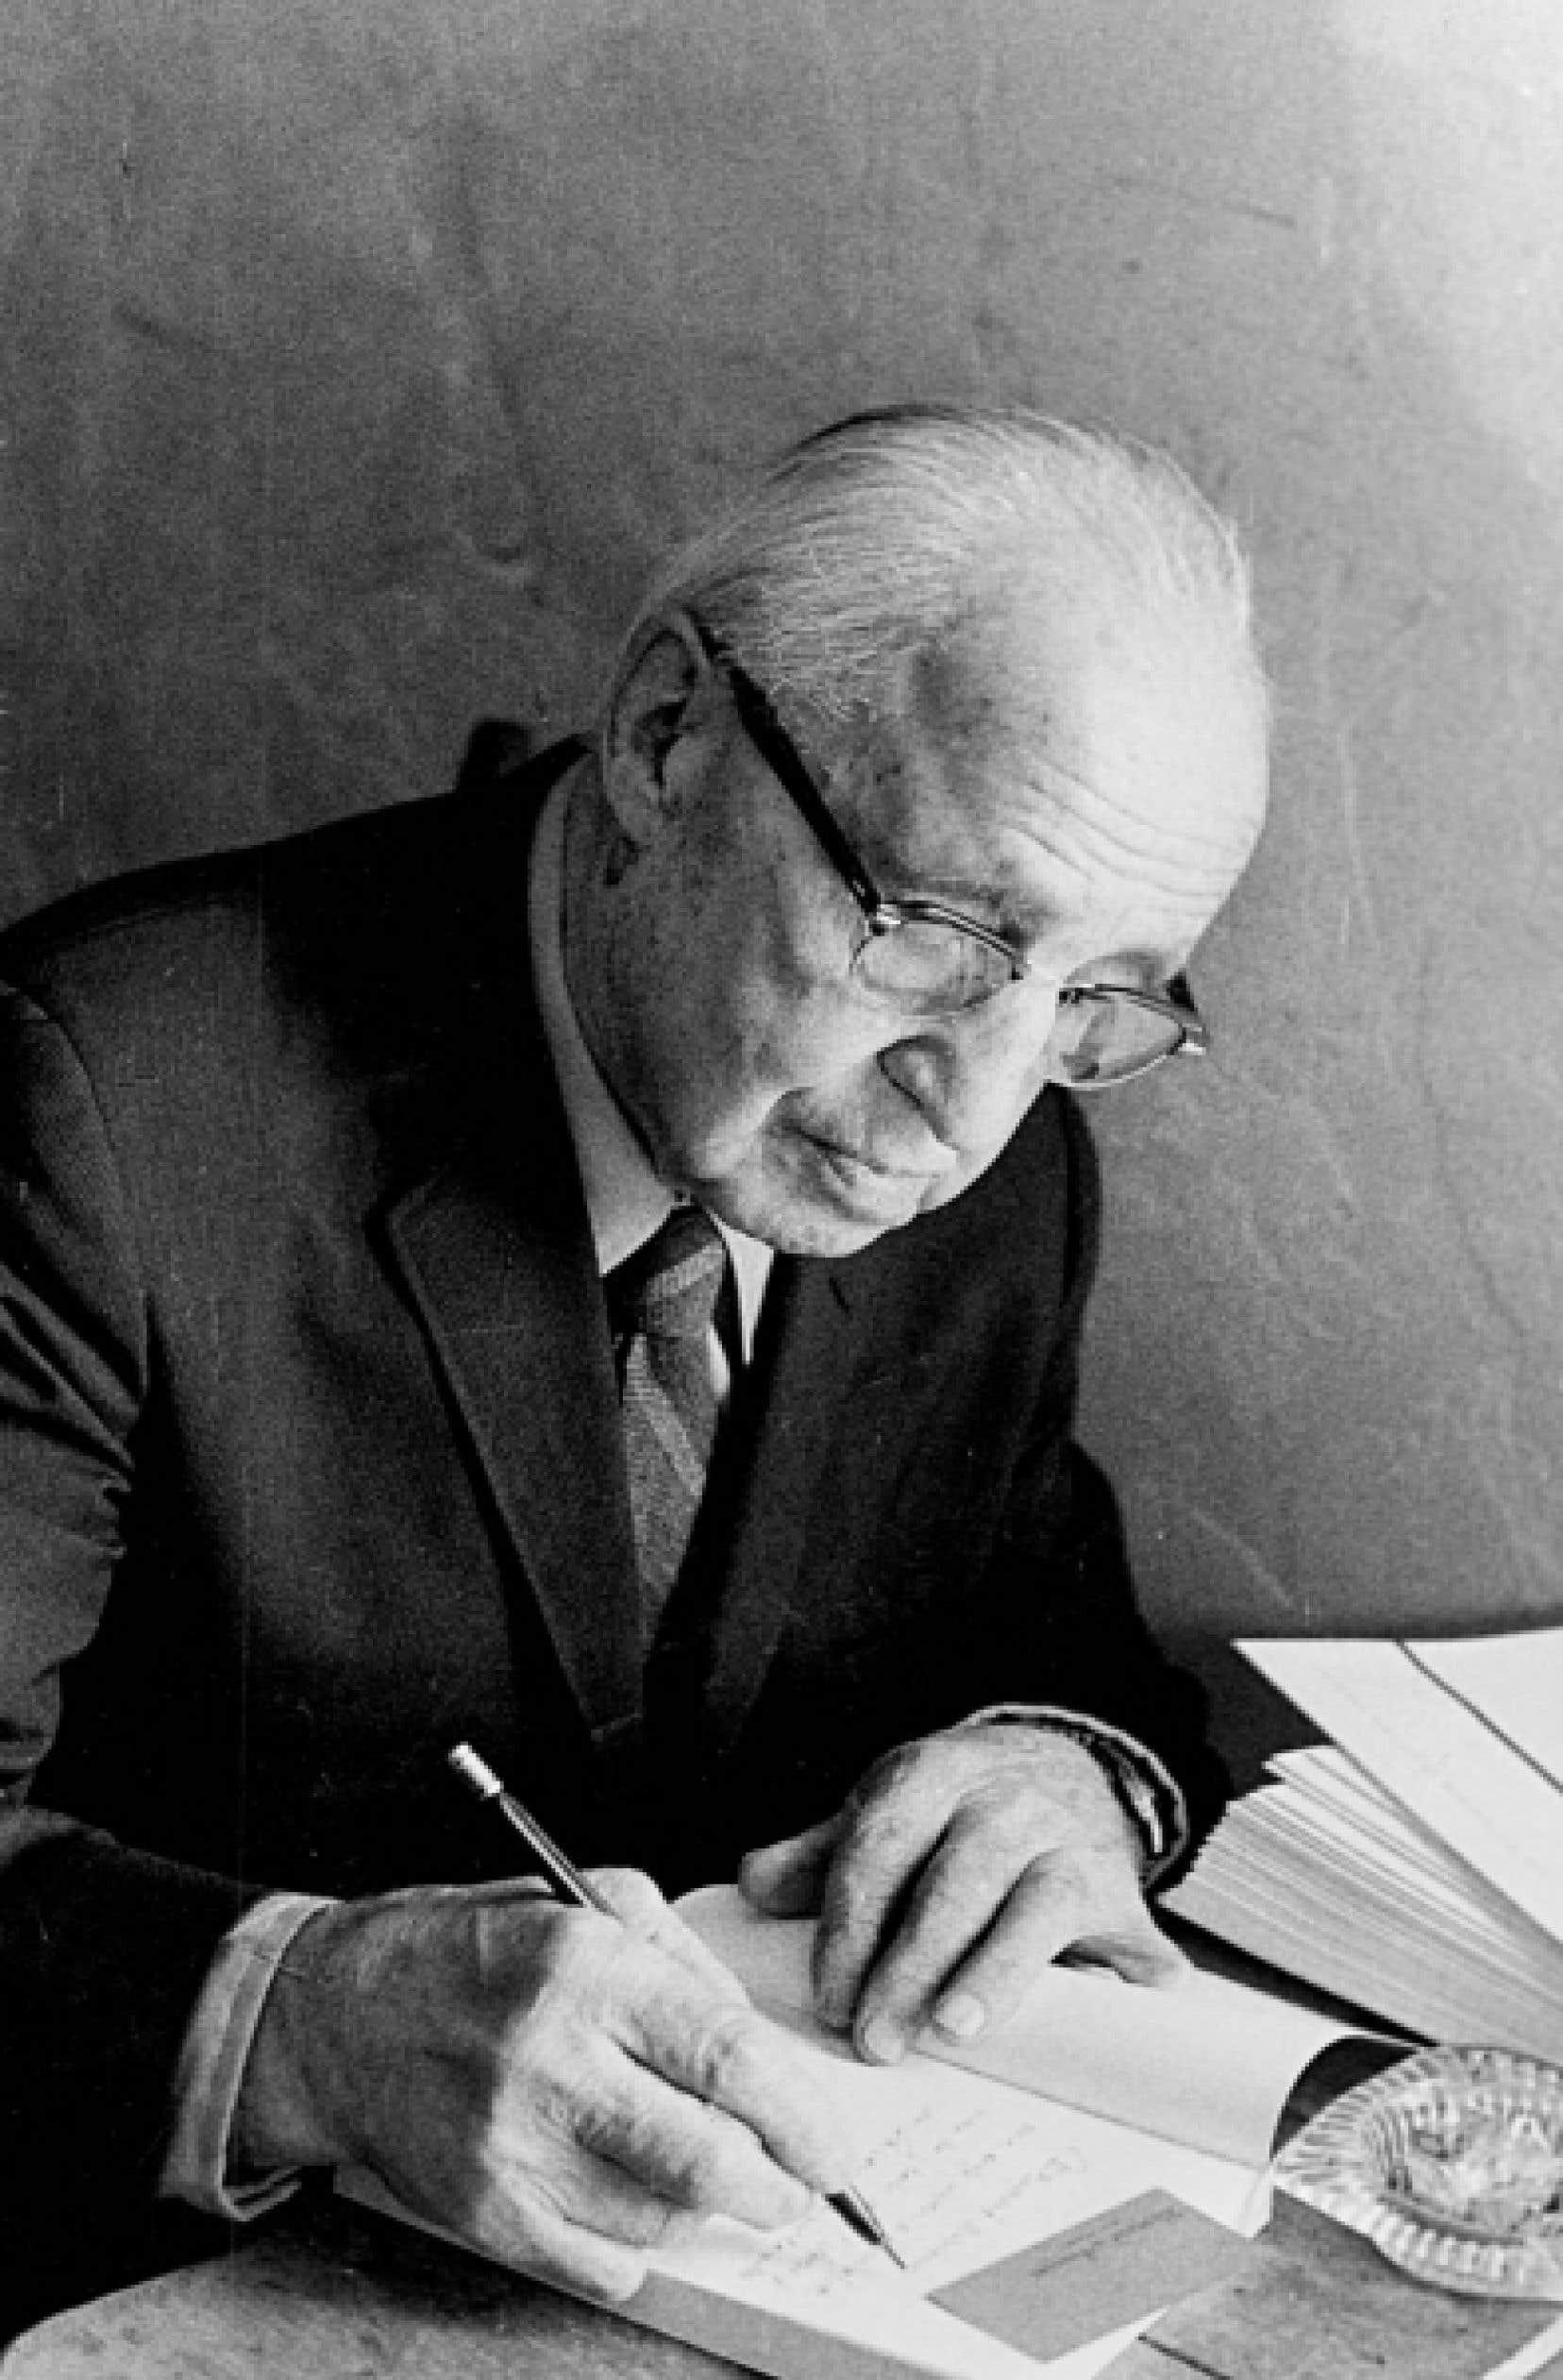 Eug&egrave;ne Achard (1884-1976), auteur de quelque 80 livres, fut aussi fondateur de revues p&eacute;dagogiques biblioth&eacute;caire, &eacute;diteur et libraire. <br />